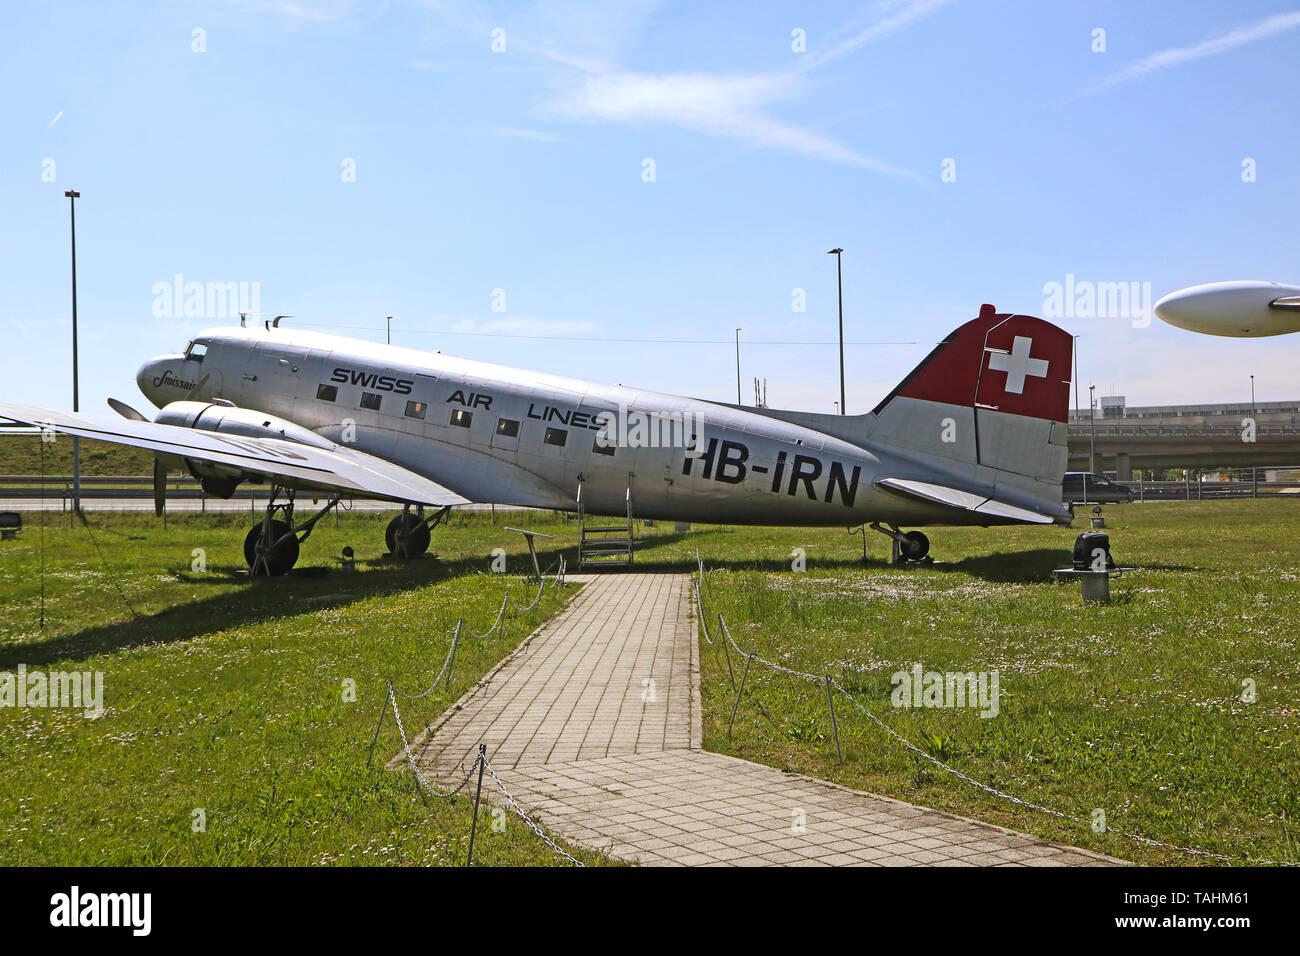 MUNICH, ALLEMAGNE - un avion légendaire historique Douglas DC3 de l'année 1946 pour l'Air suisse sur l'affichage à l'aéroport de Munich parc visiteur Banque D'Images